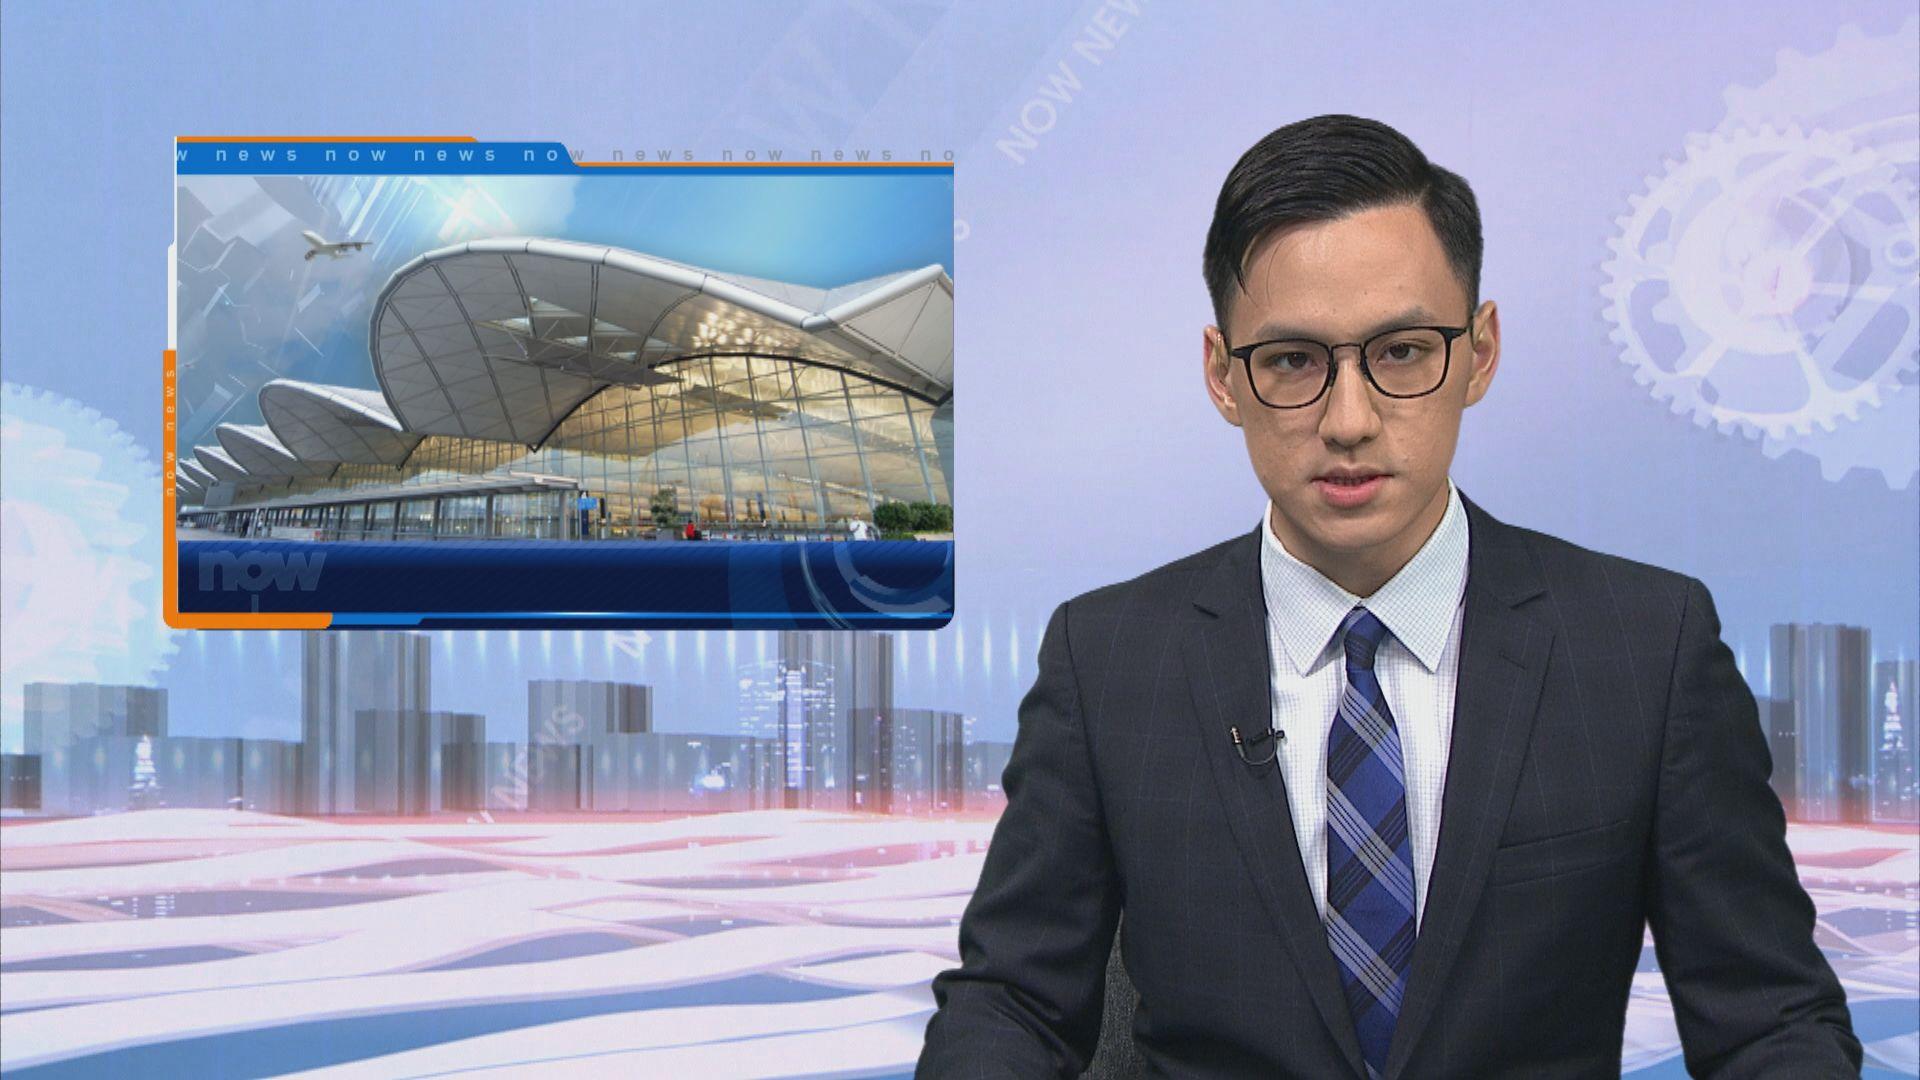 法官:機場受威脅 毫不猶豫批准延長禁制令